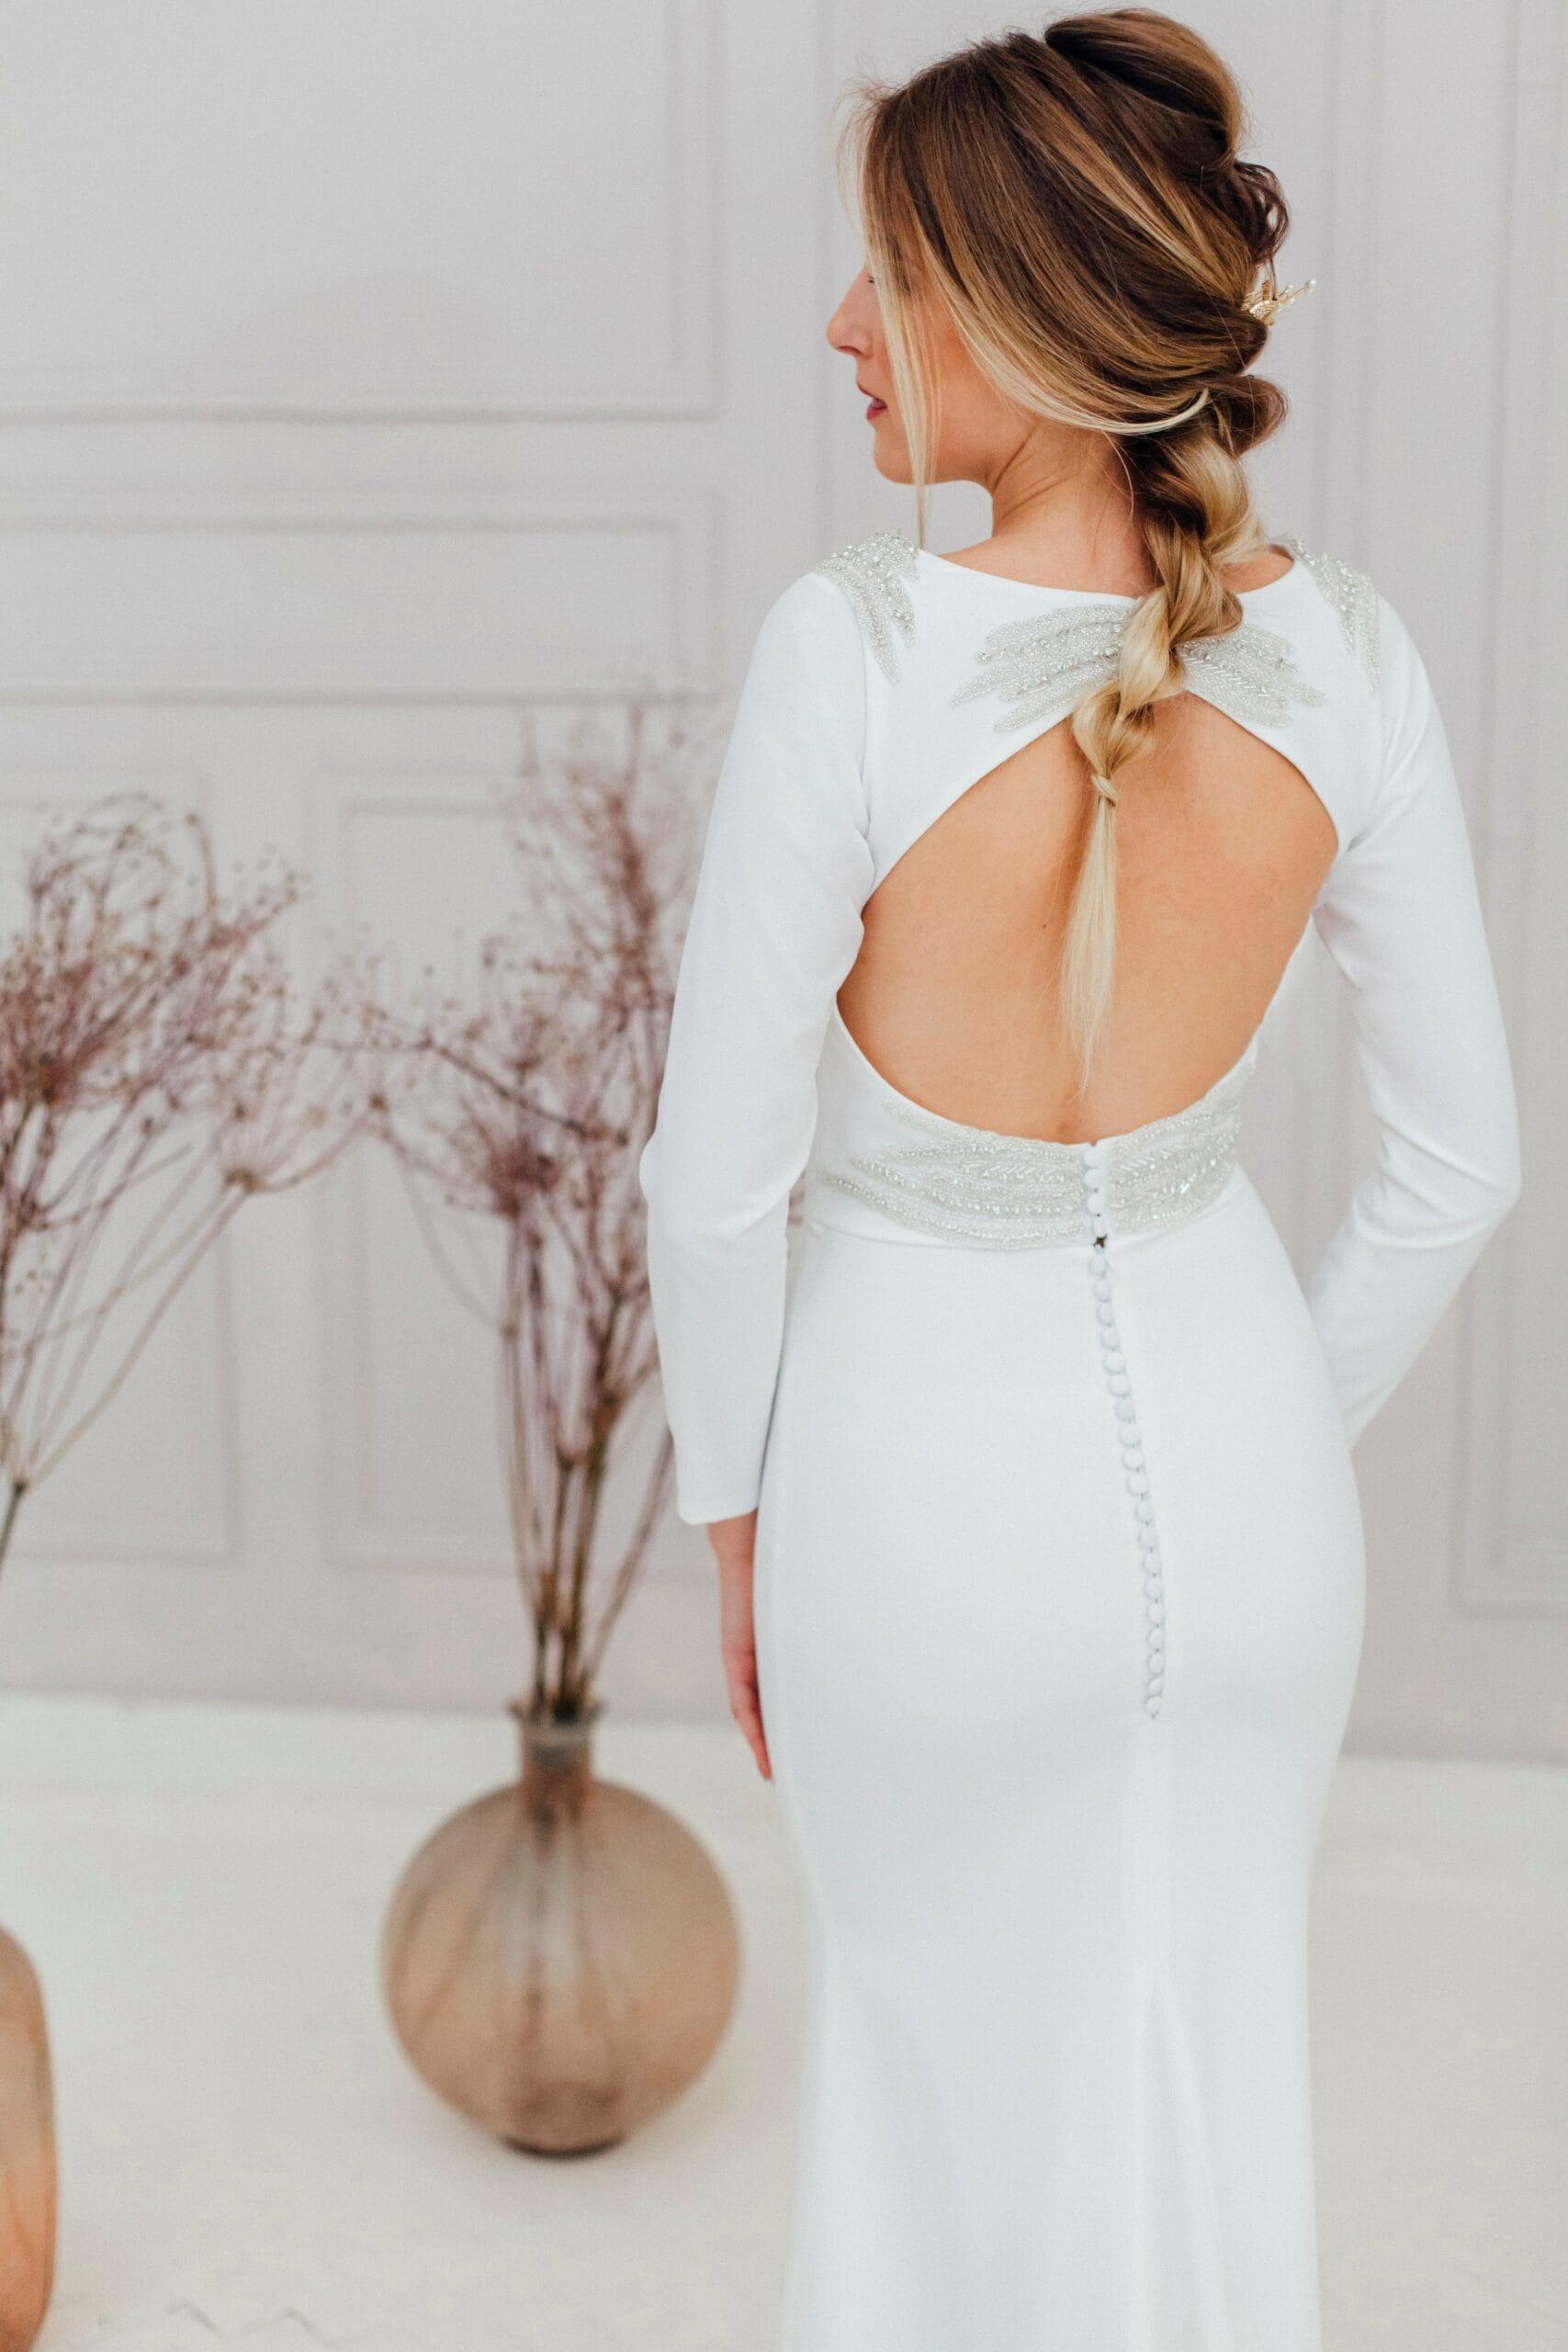 Свадебное платье с фонариками. Силуэт рыбка, цвет белый, стиль классический